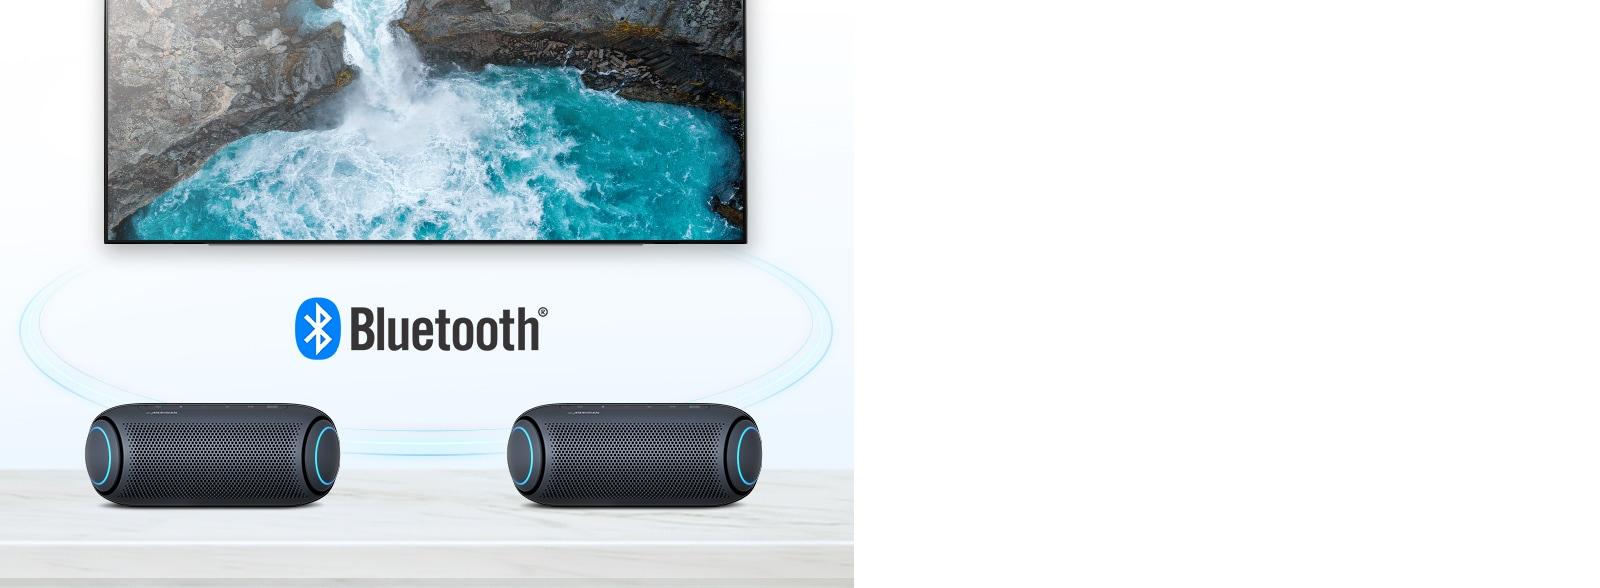 Na stolu su dva zvučnika LG XBOOM Go sa svjetloplavim osvjetljenjem i nalaze se ispred TV-a na kojem je prikazan vodopad.